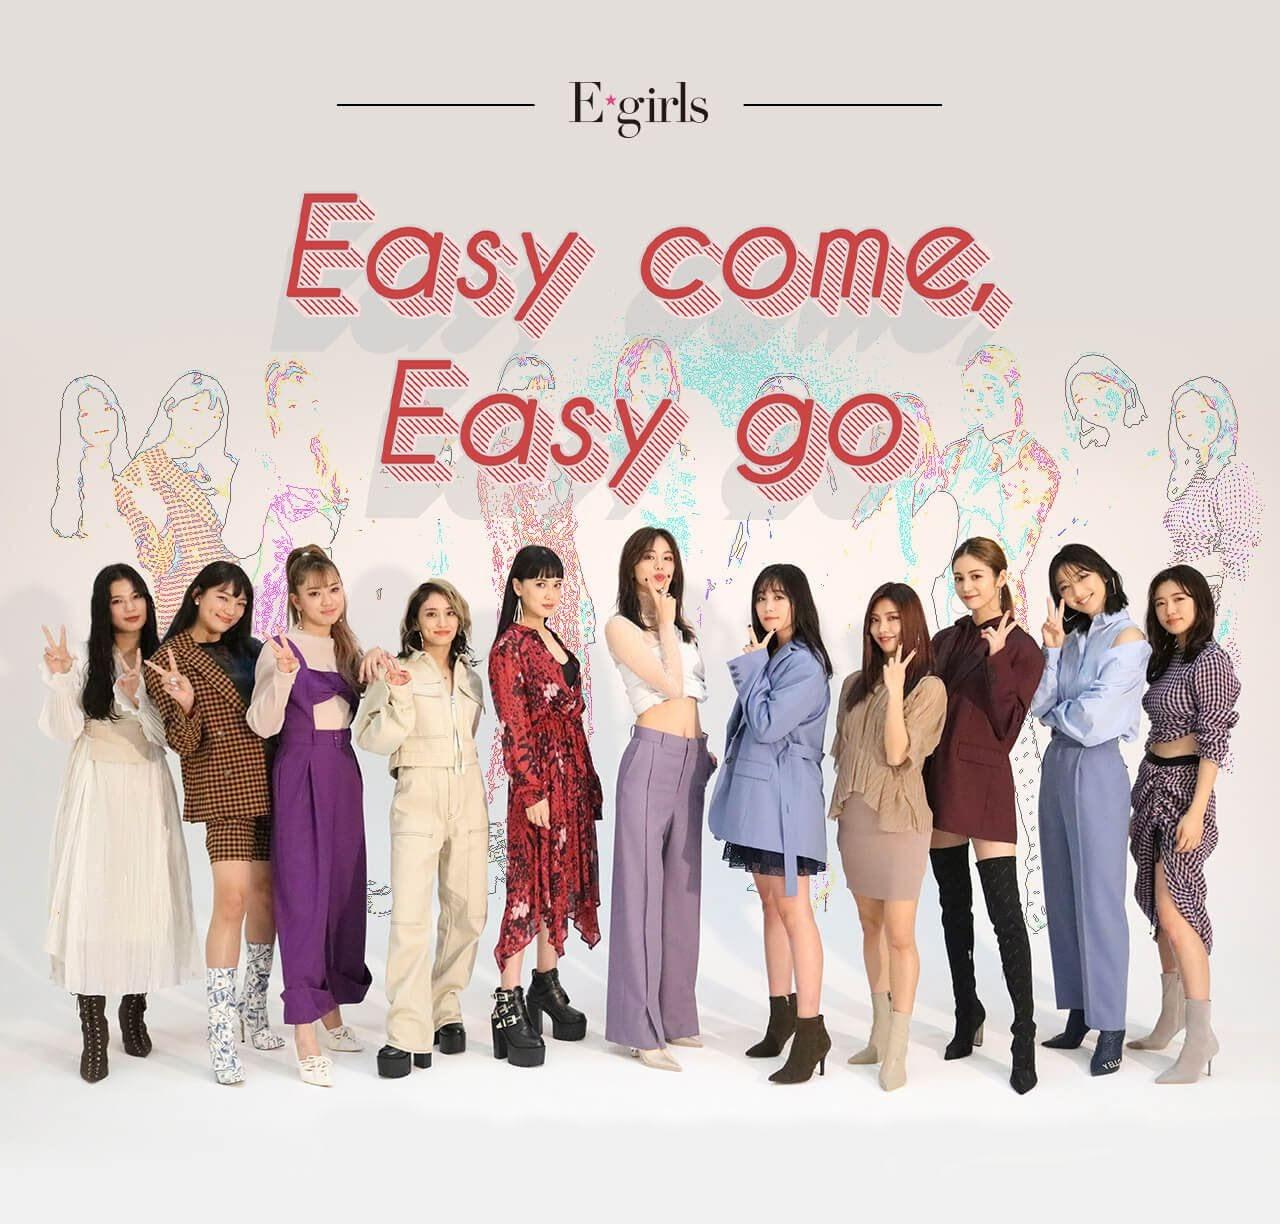 """Imagem promocional do single digital """"Easy come, Easy go""""."""